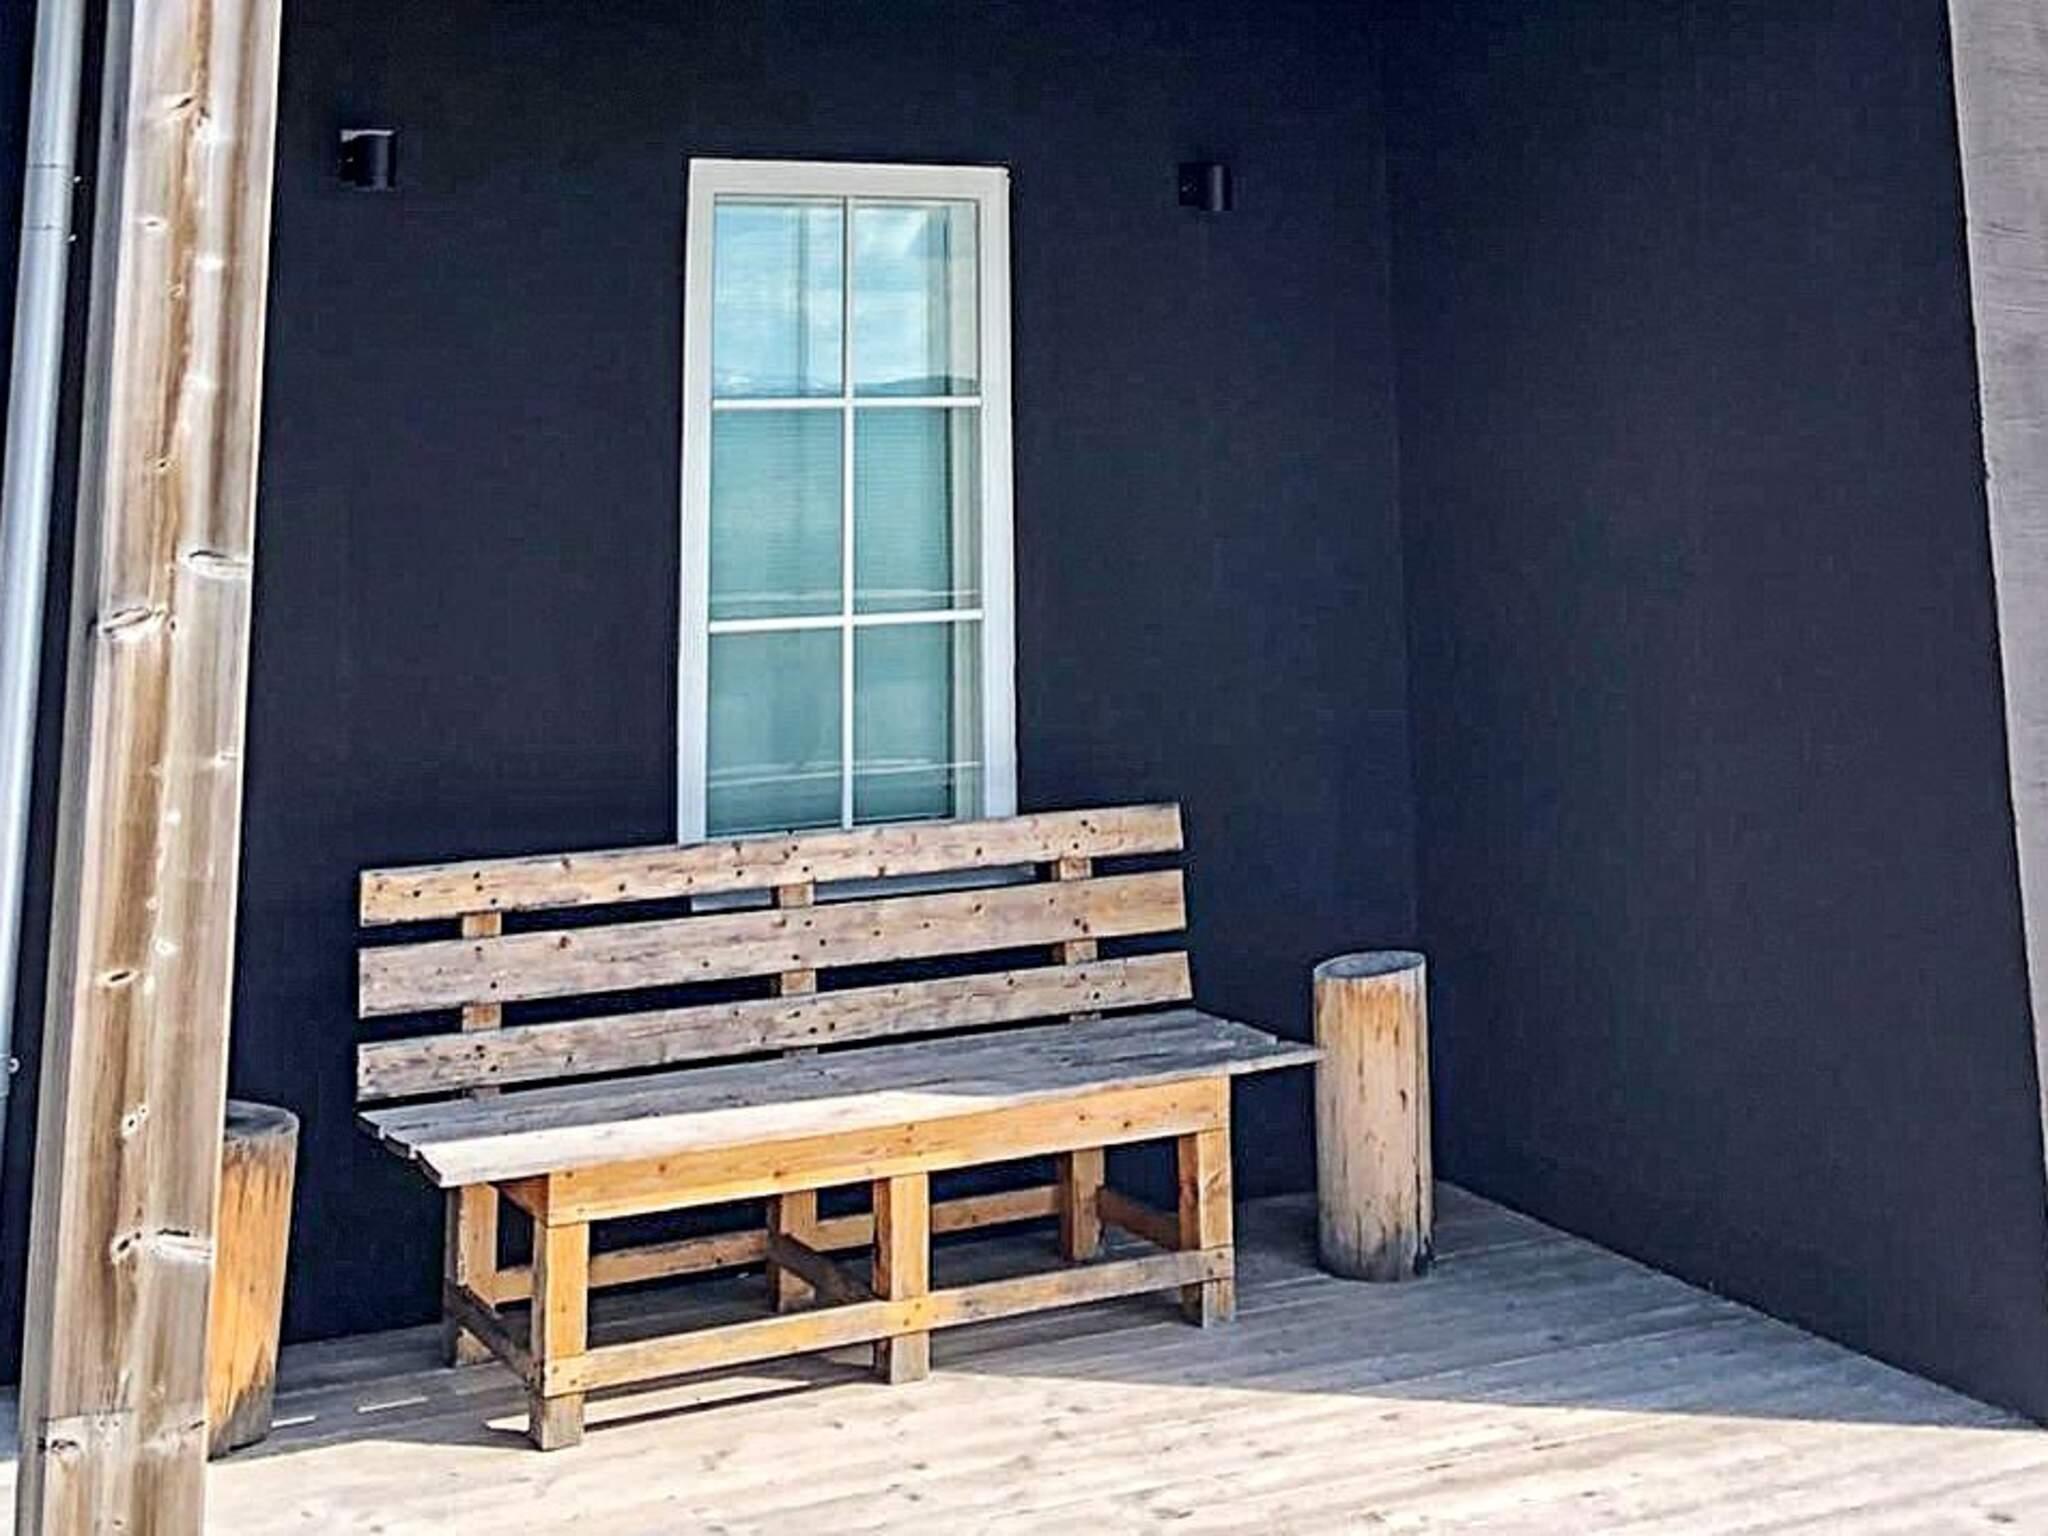 Ferienhaus Vemdalen (2744399), Vemdalen, Jämtlands län, Nordschweden, Schweden, Bild 16